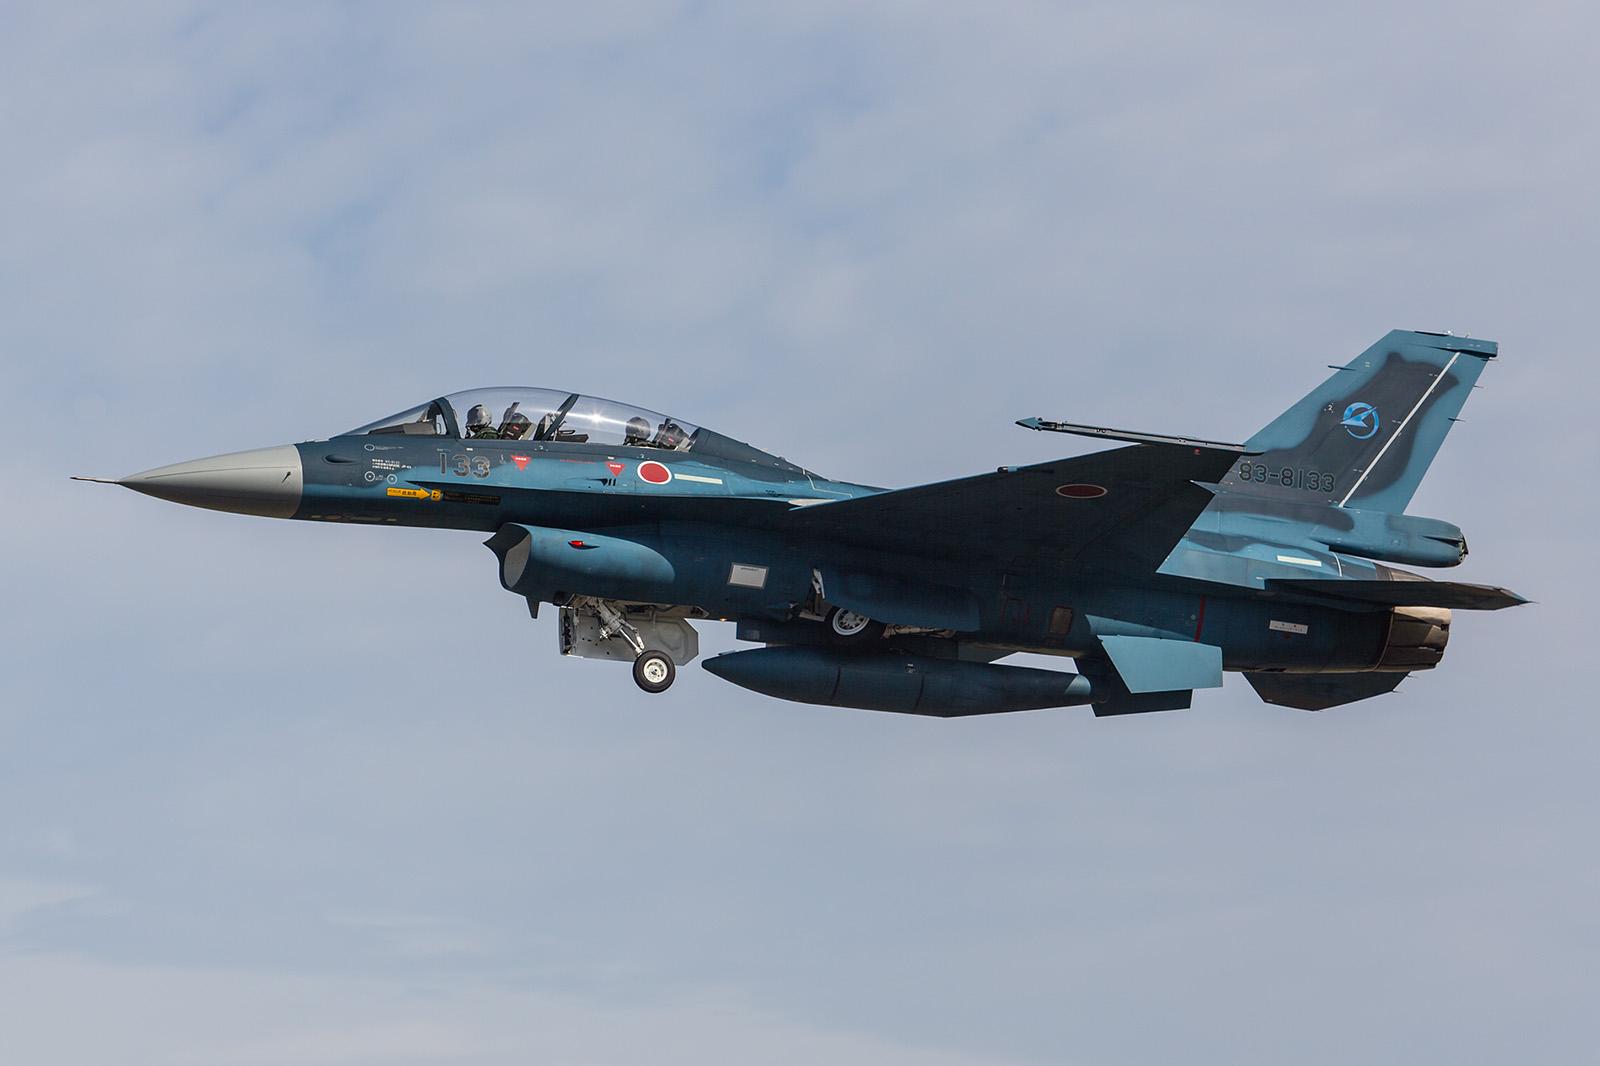 Eine Kawasaki F-2B der Staffel. Die Maschinen ähneln der amerikanischen F-16, sind jedoch deutlich größer.